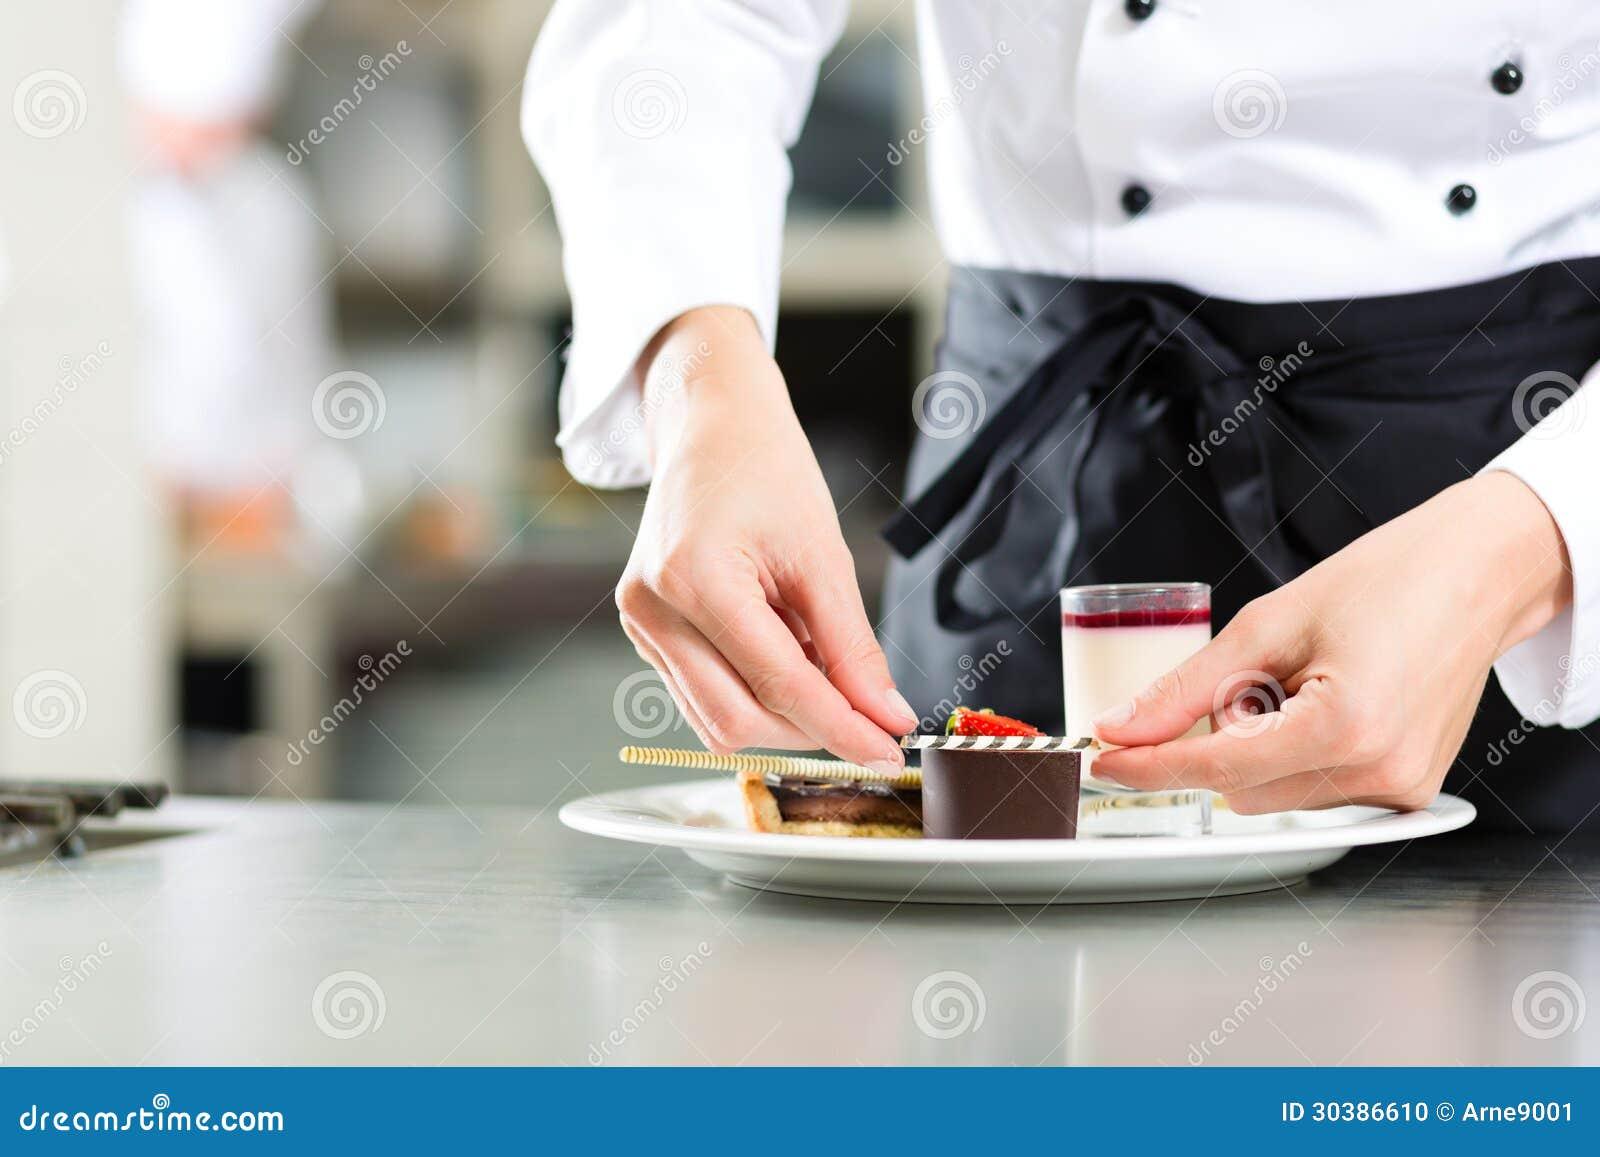 在旅馆或餐馆厨房里烹调,点心师,